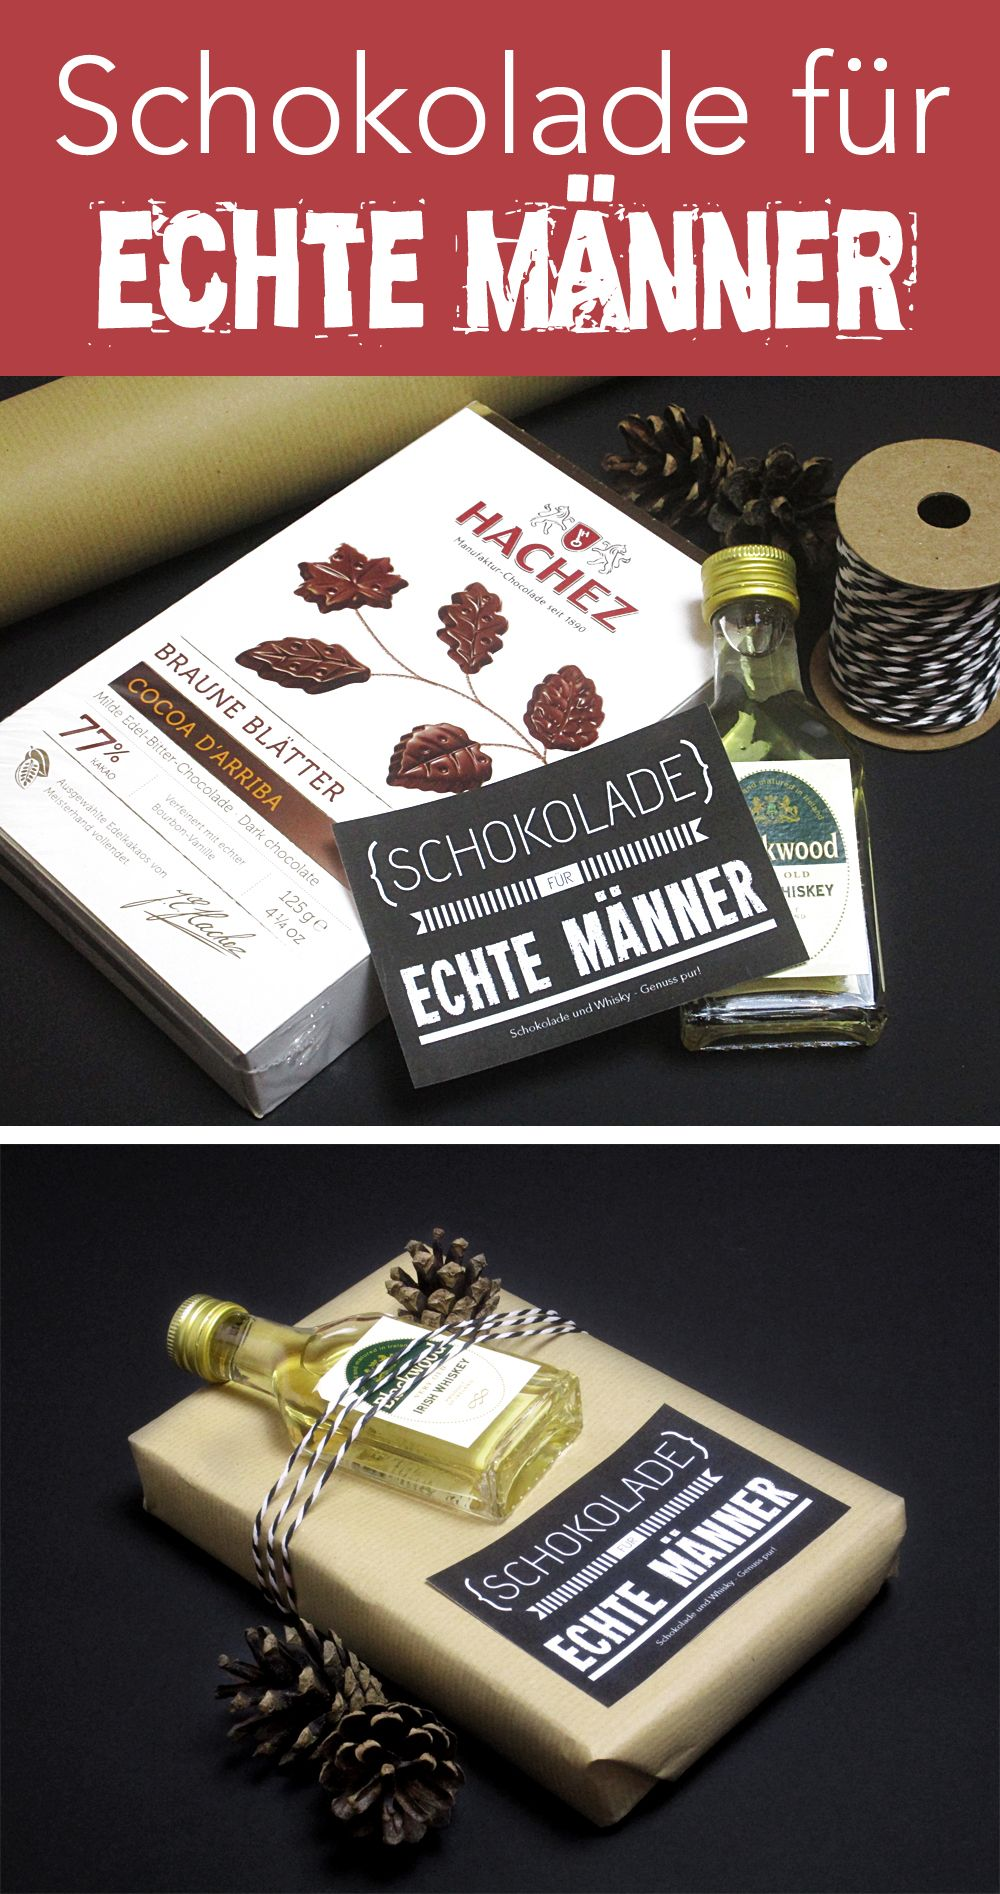 Drei kreative Geschenkideen zum Verpacken von Schokolade ...